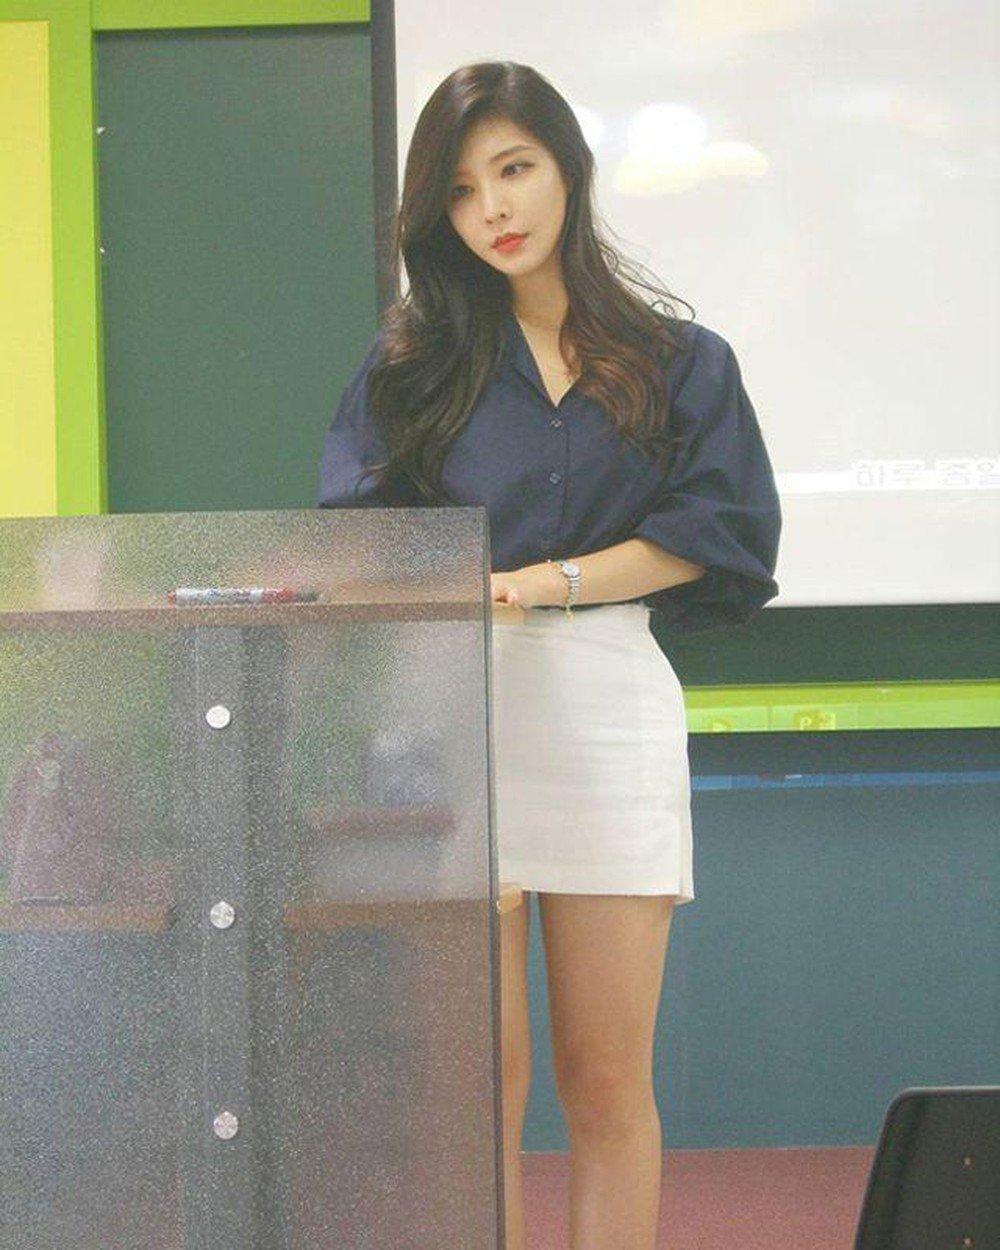 Nữ giảng viên quyến rũ như người mẫu, làm trò nào cũng chăm chỉ đến lớp mỗi ngày - Hình 2